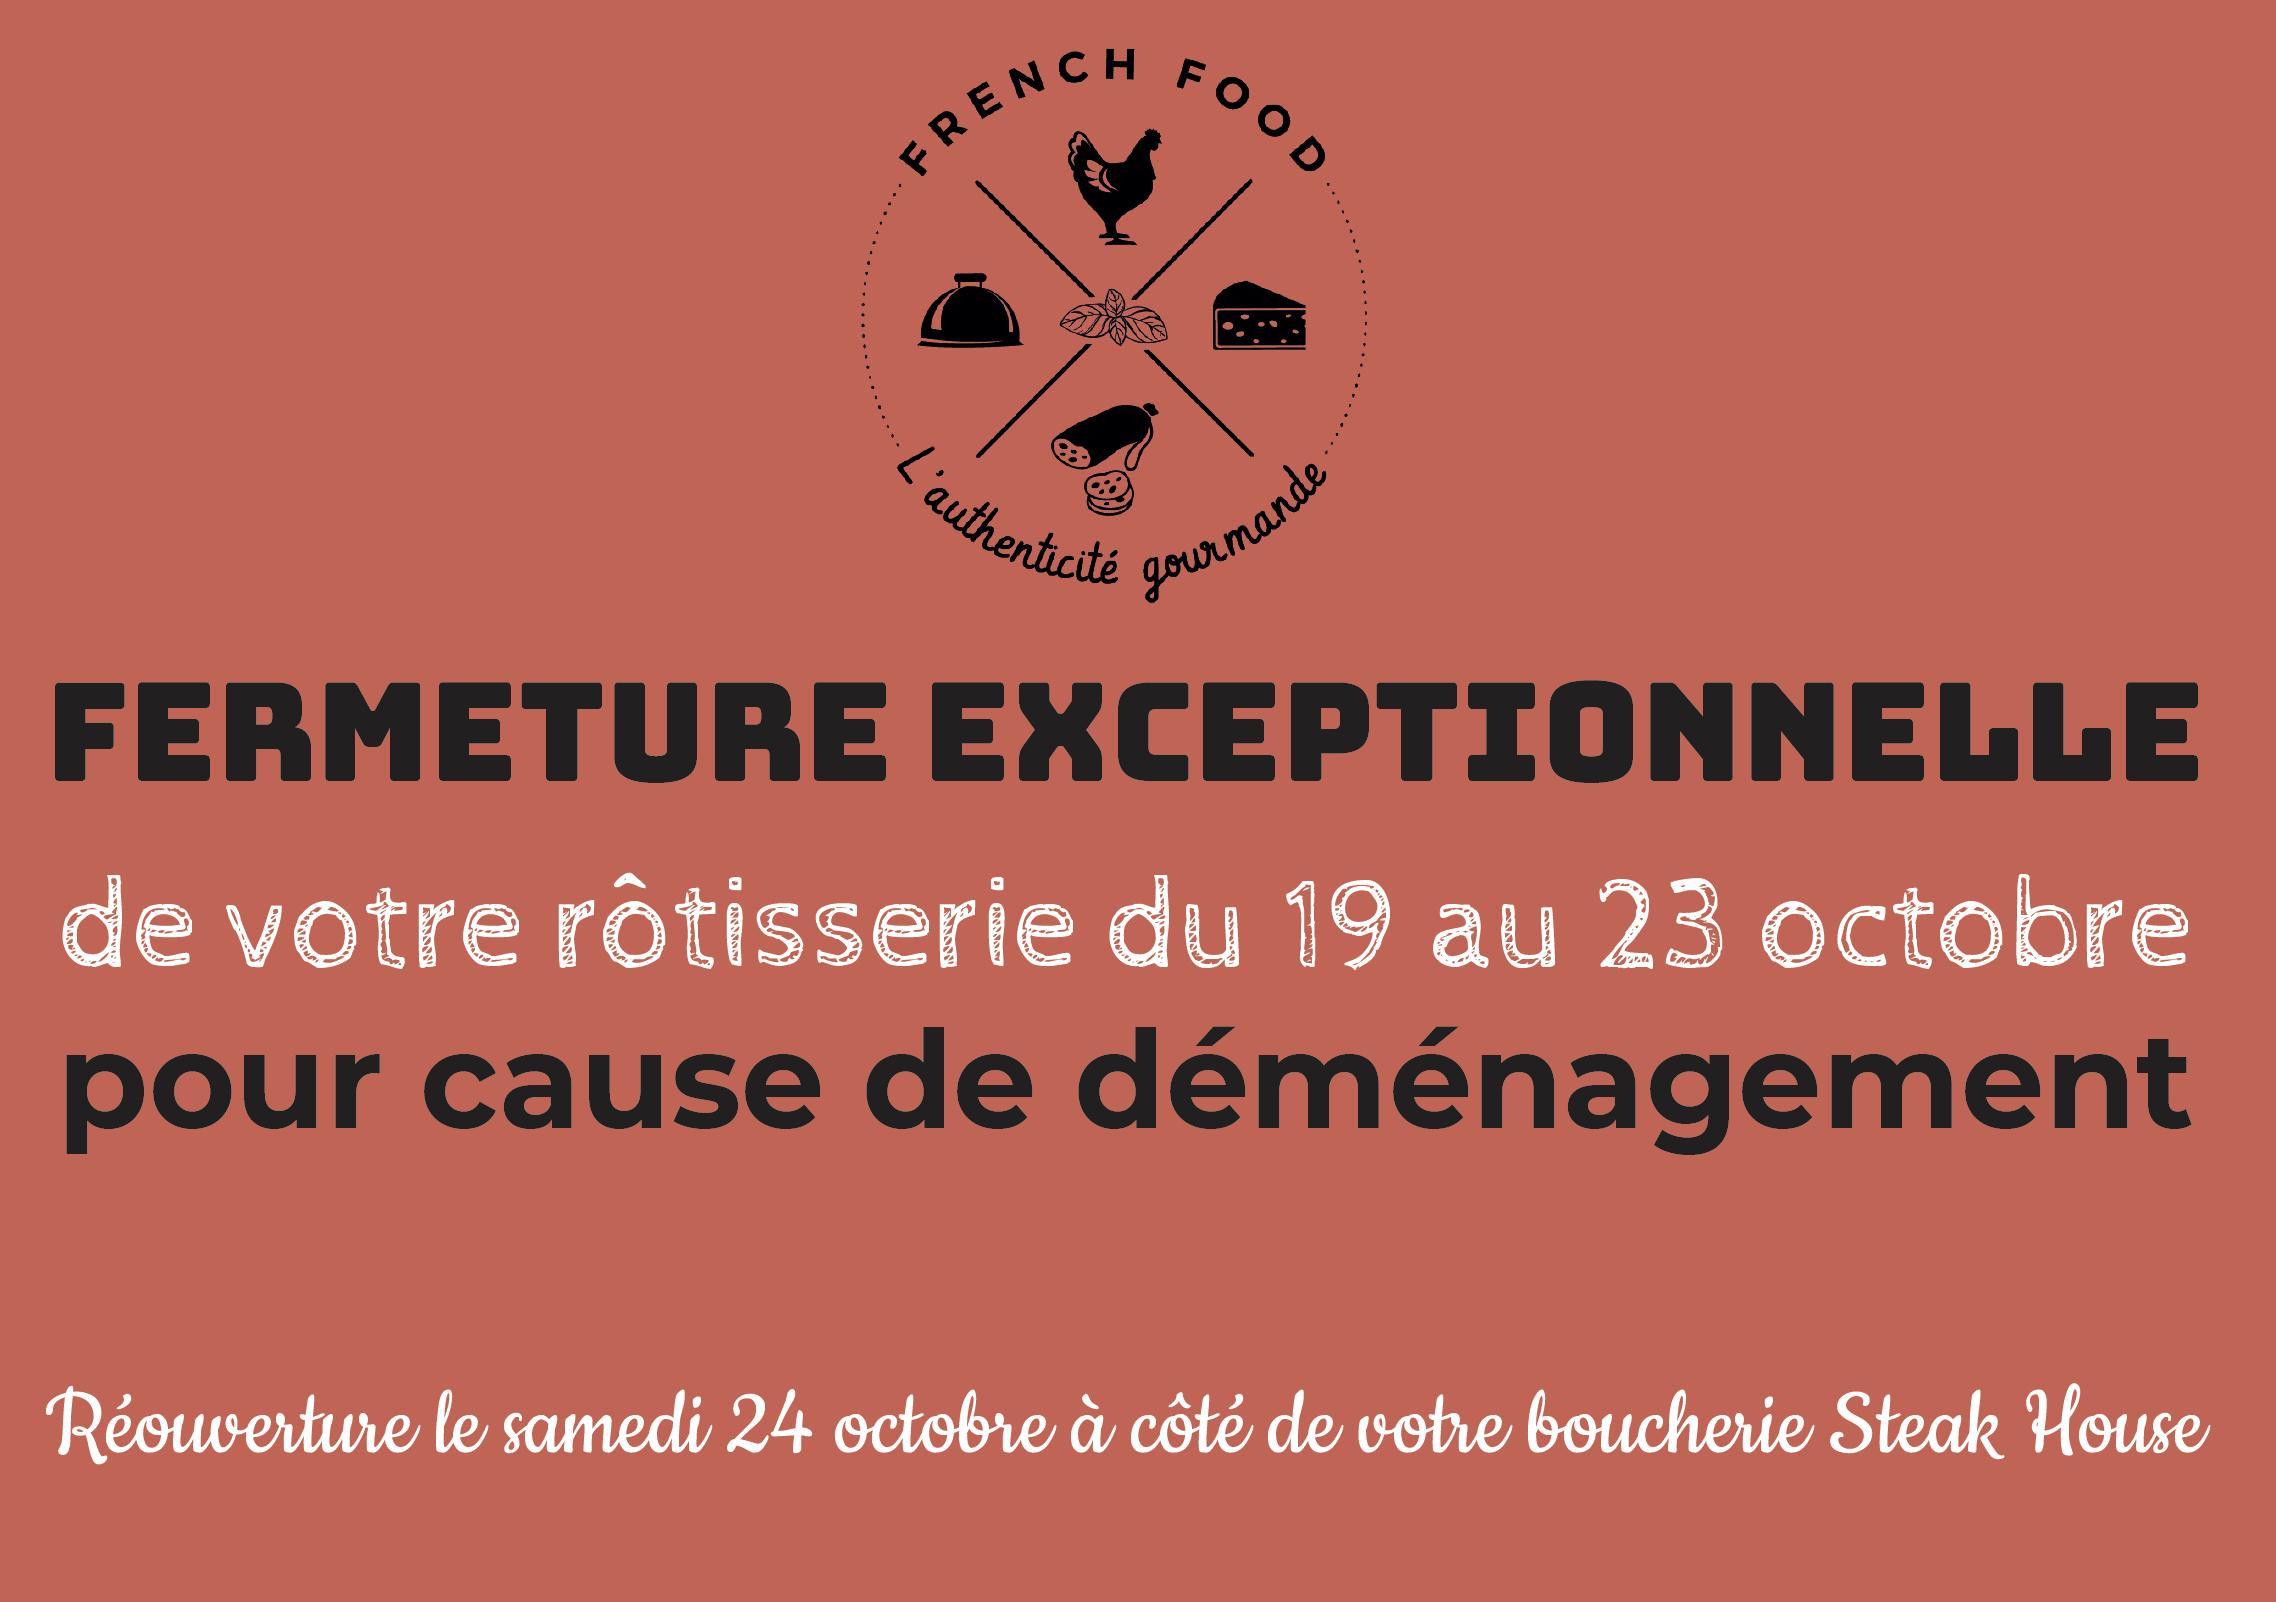 2020-10-11 La Rotisserie de la Bastide Déménagement sticker A3 sans traits de coupe